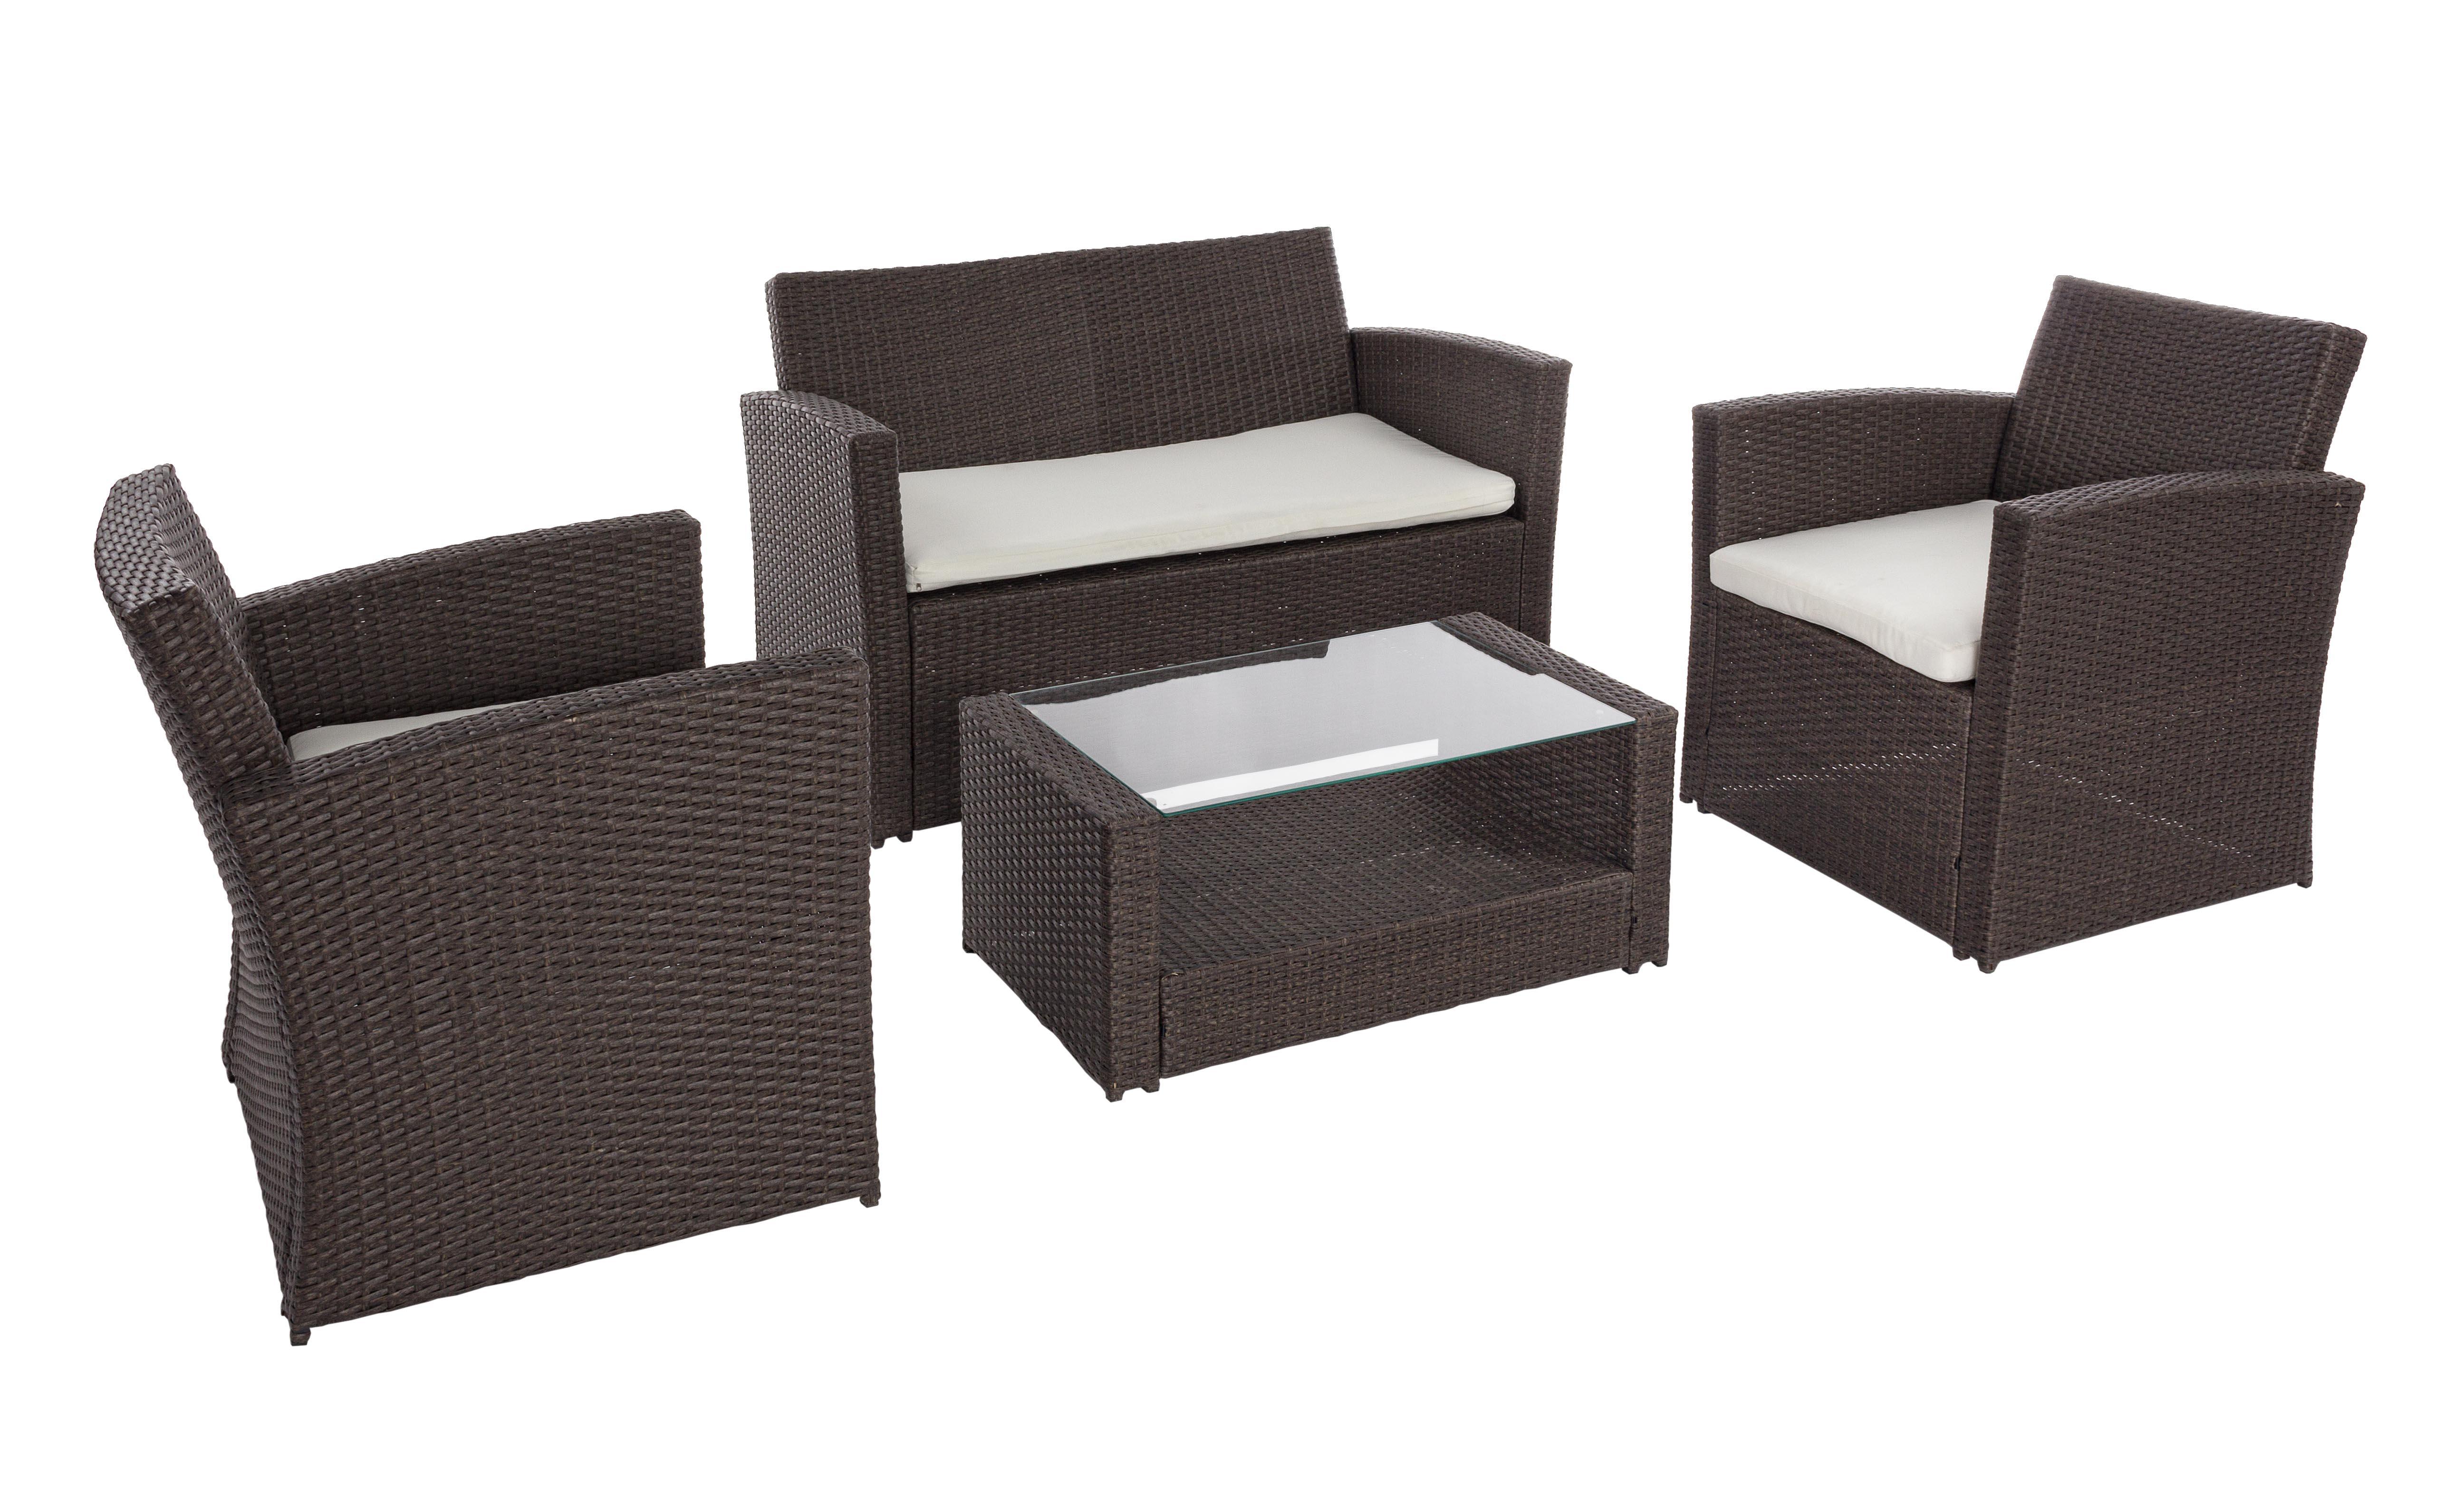 Salotto giardino esterno set 4 pz con tavolino divanetto for Salotto da terrazzo